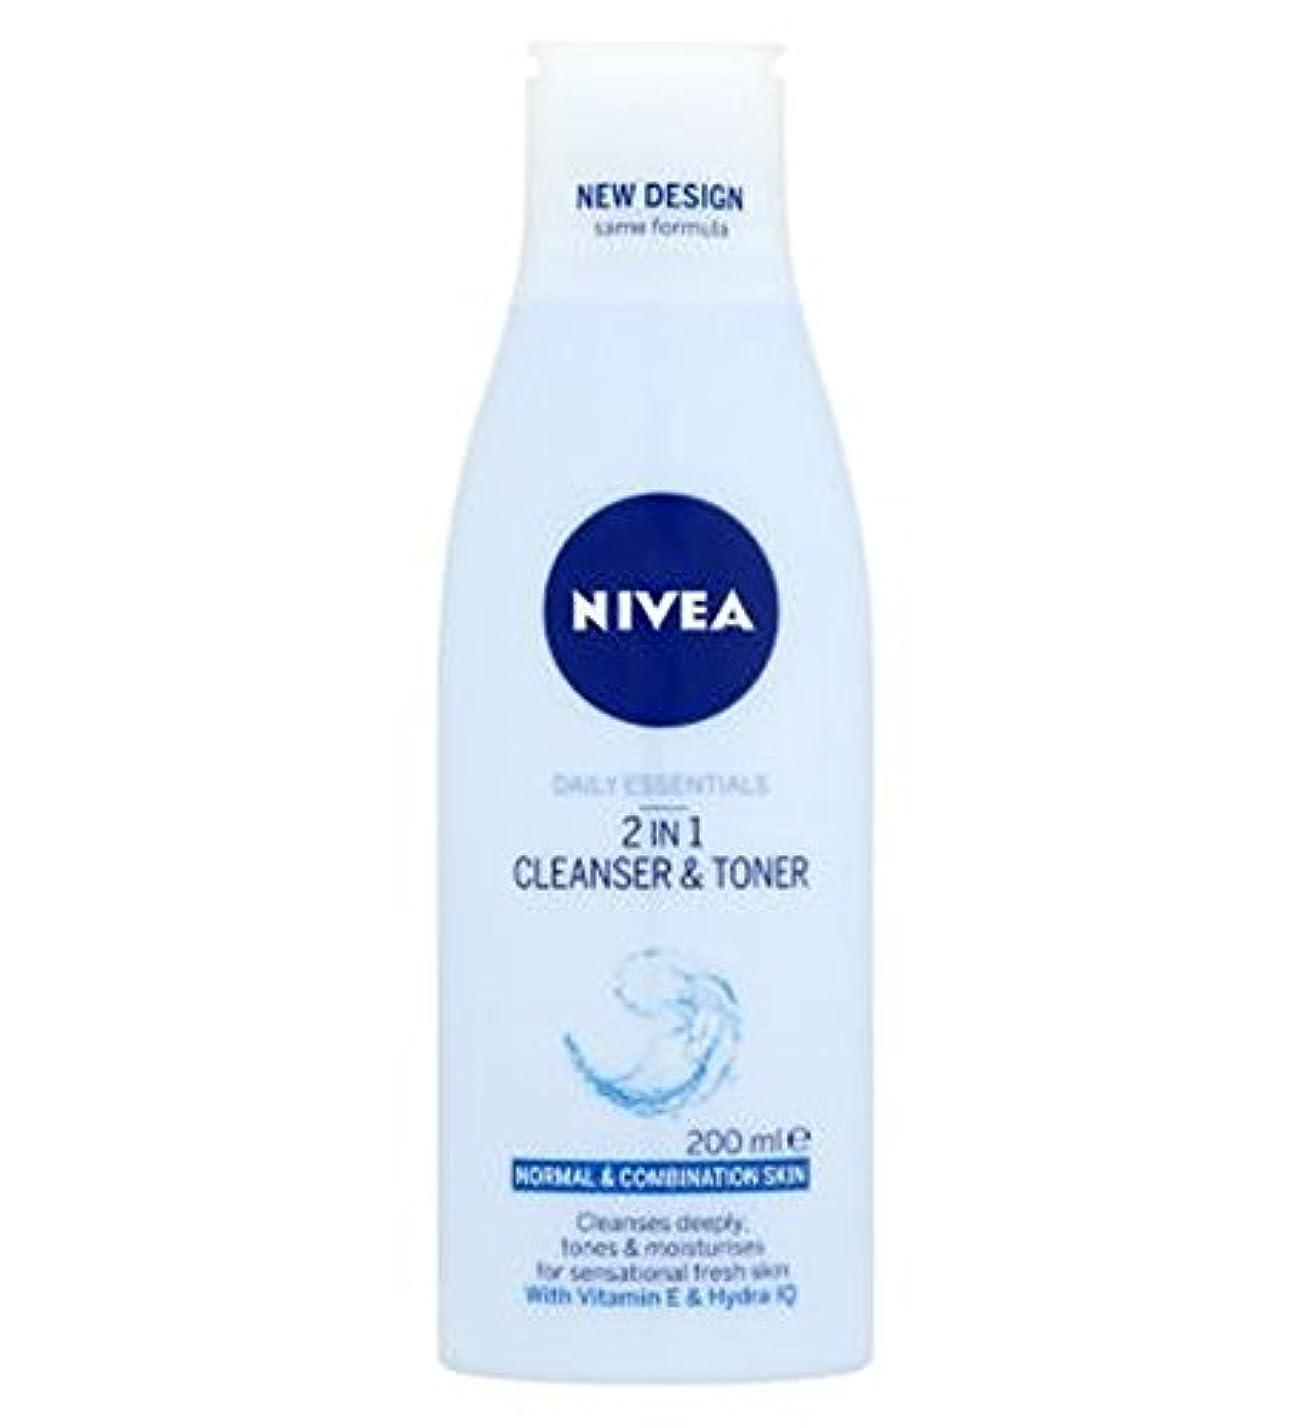 夜港半径Nivea Daily Essentials 2 in 1 Cleanser and Toner 200ml - ニベア生活必需品2 1クレンザーとトナー200ミリリットルで (Nivea) [並行輸入品]